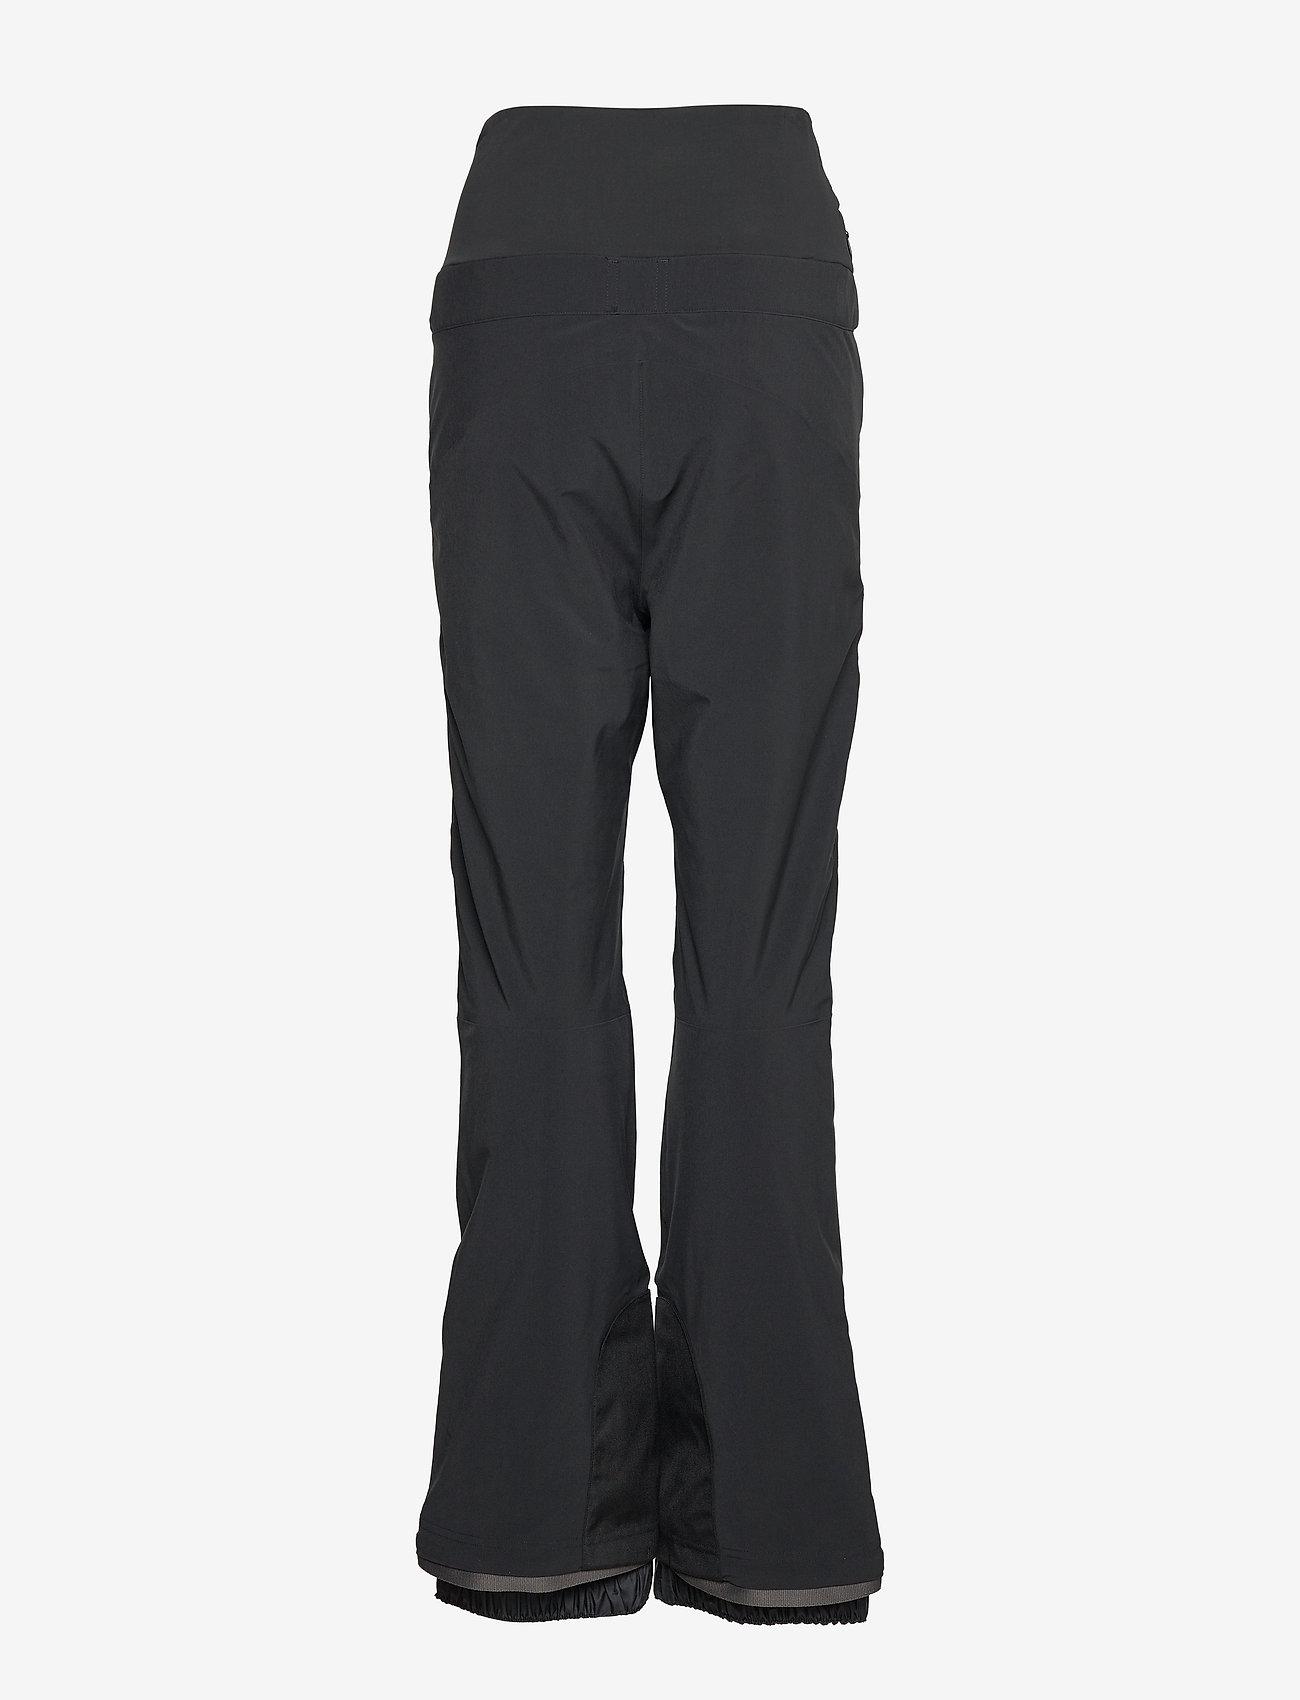 Salomon - ICEFANCY PANT W - spodnie narciarskie - black - 1